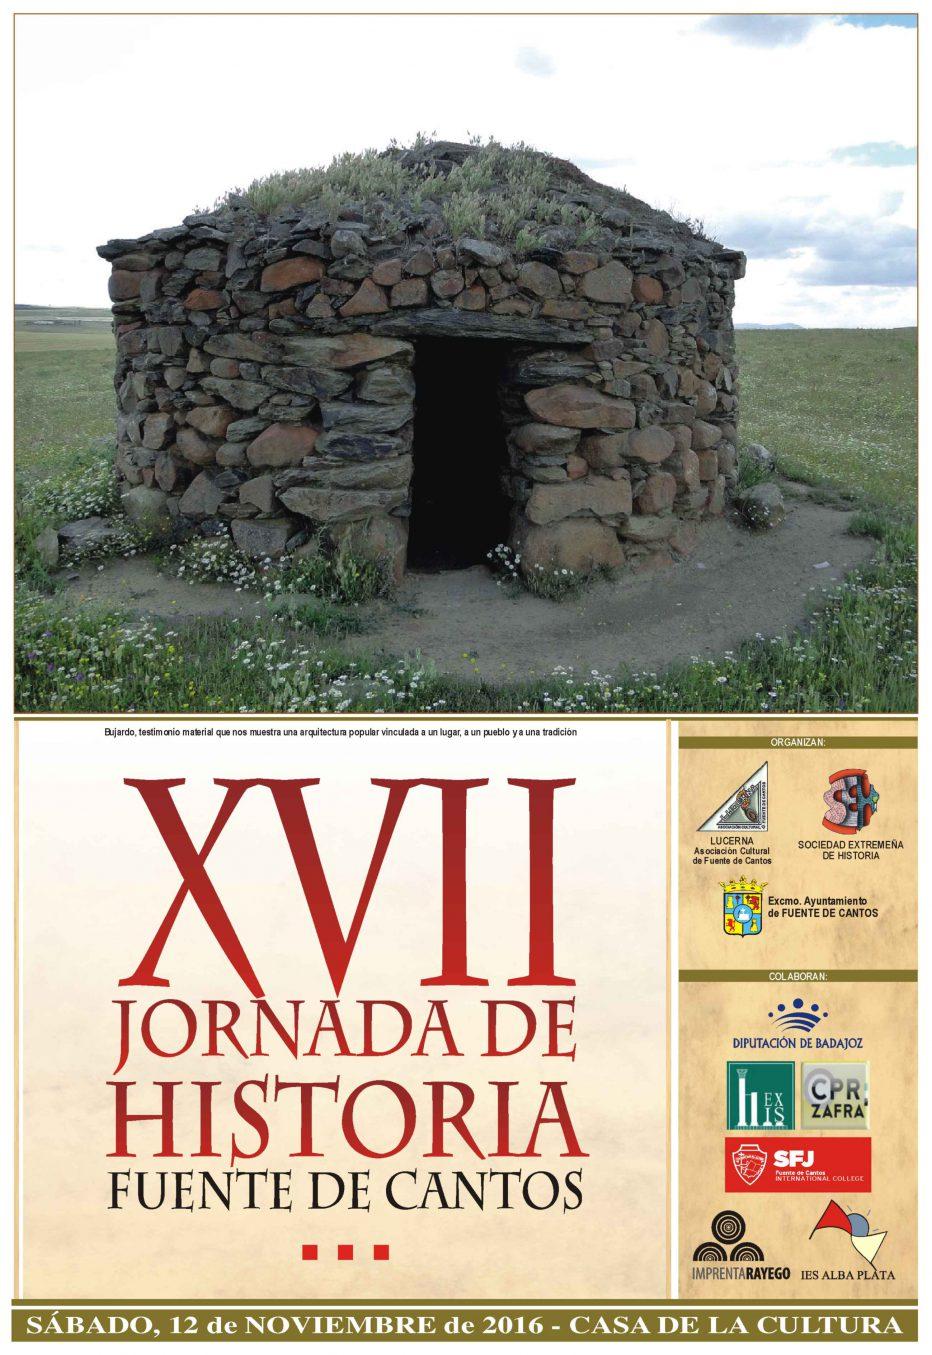 XVII Jornada de Historia en Fuente de Cantos